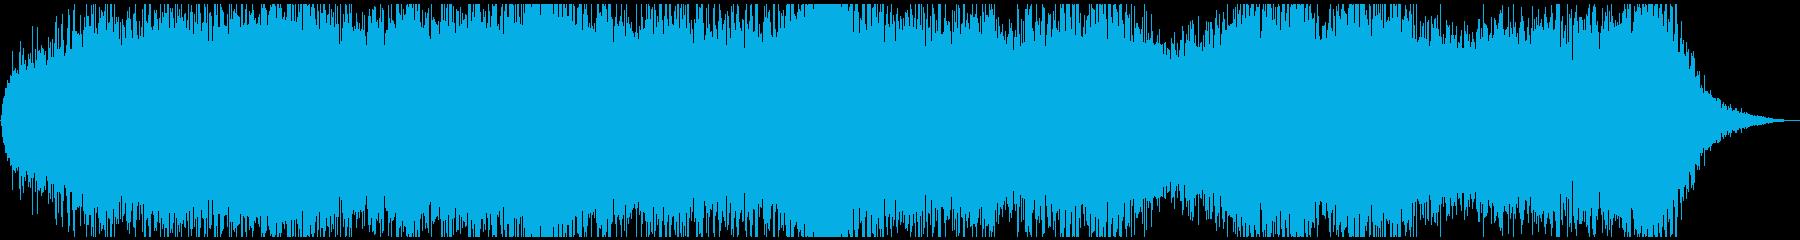 ドローン クリティカル01の再生済みの波形